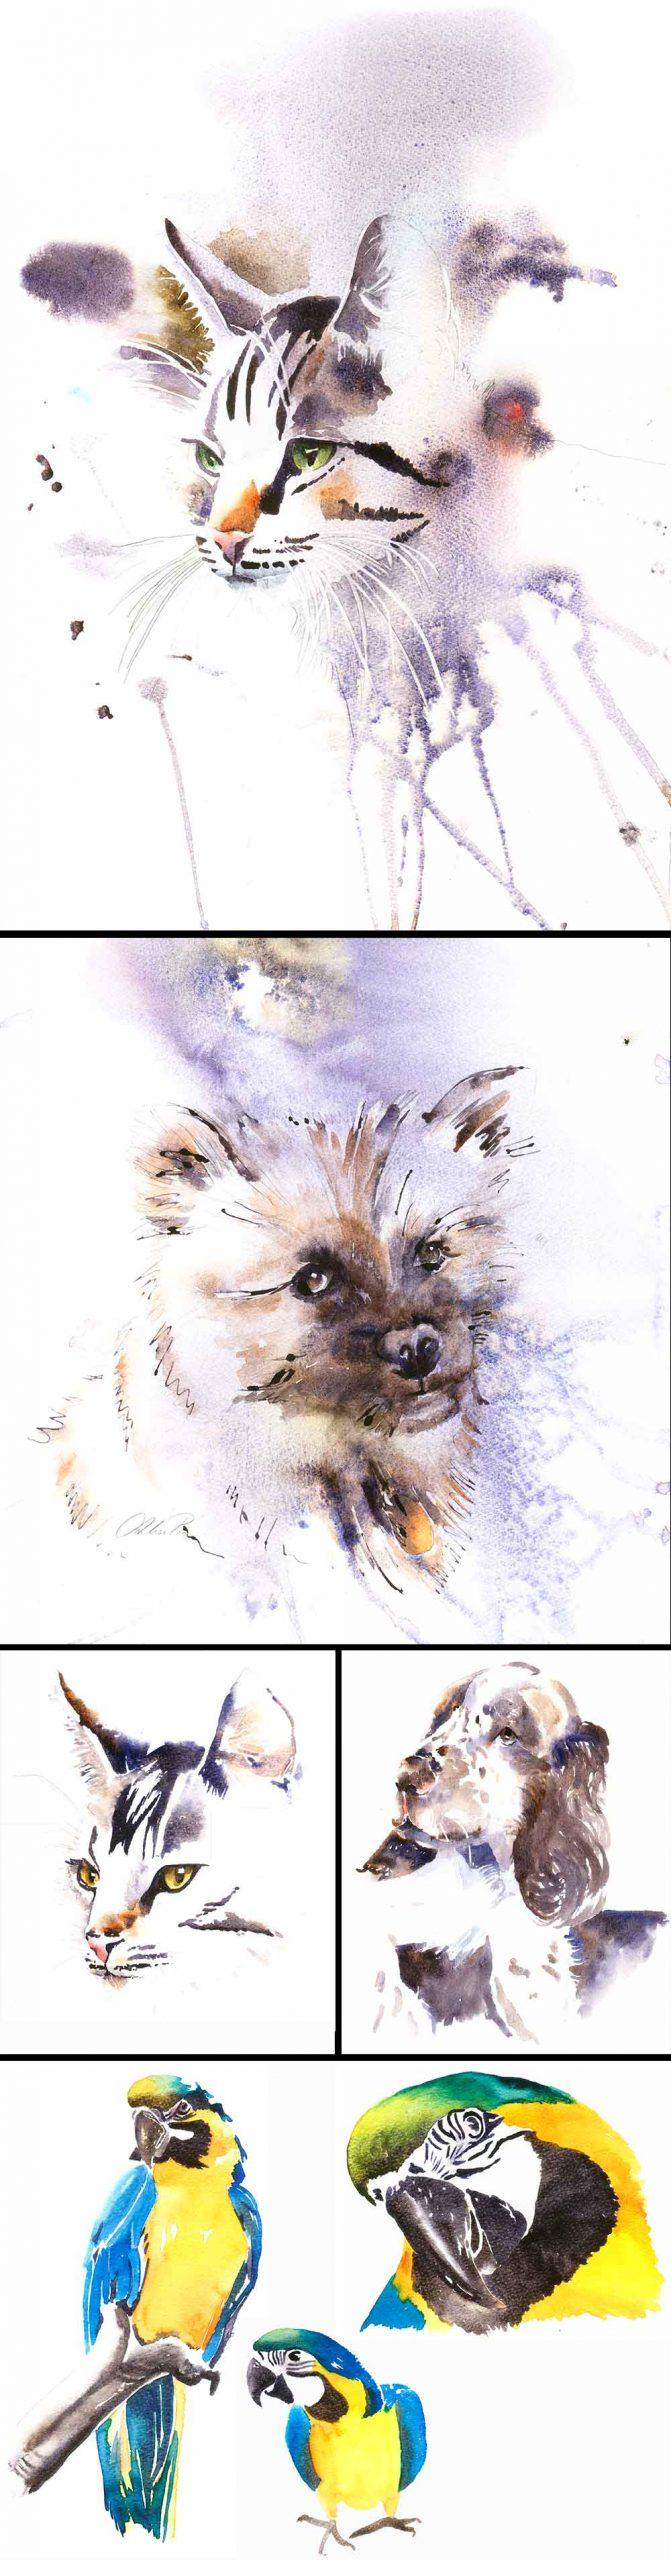 pio-akvarel maler dyreportrætter